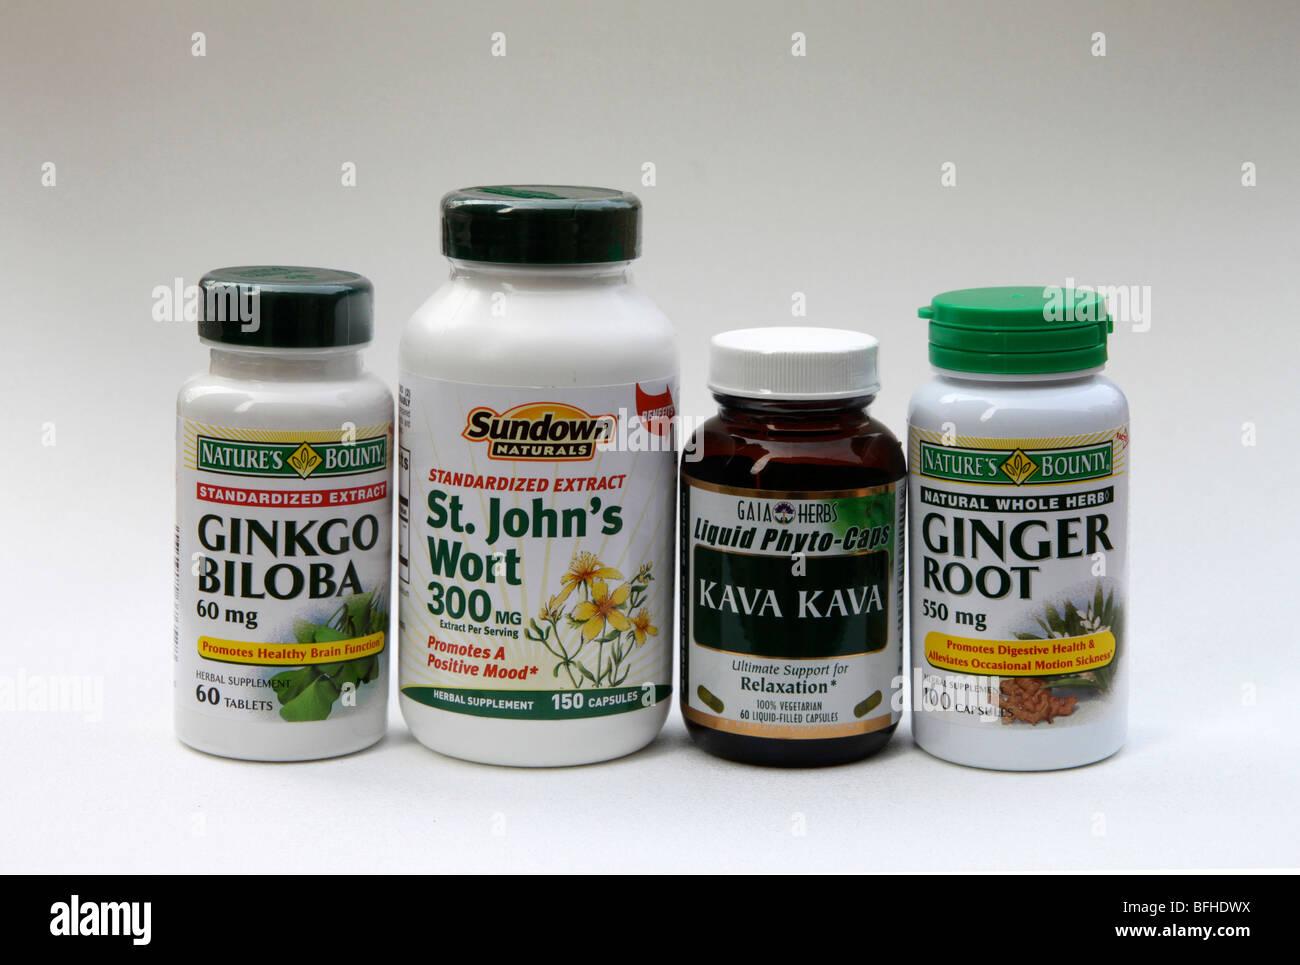 Cheap herbal supplement - Herbal Supplements In Bottles Ginkgo Biloba St John S Wort Kava Kava Ginger Root